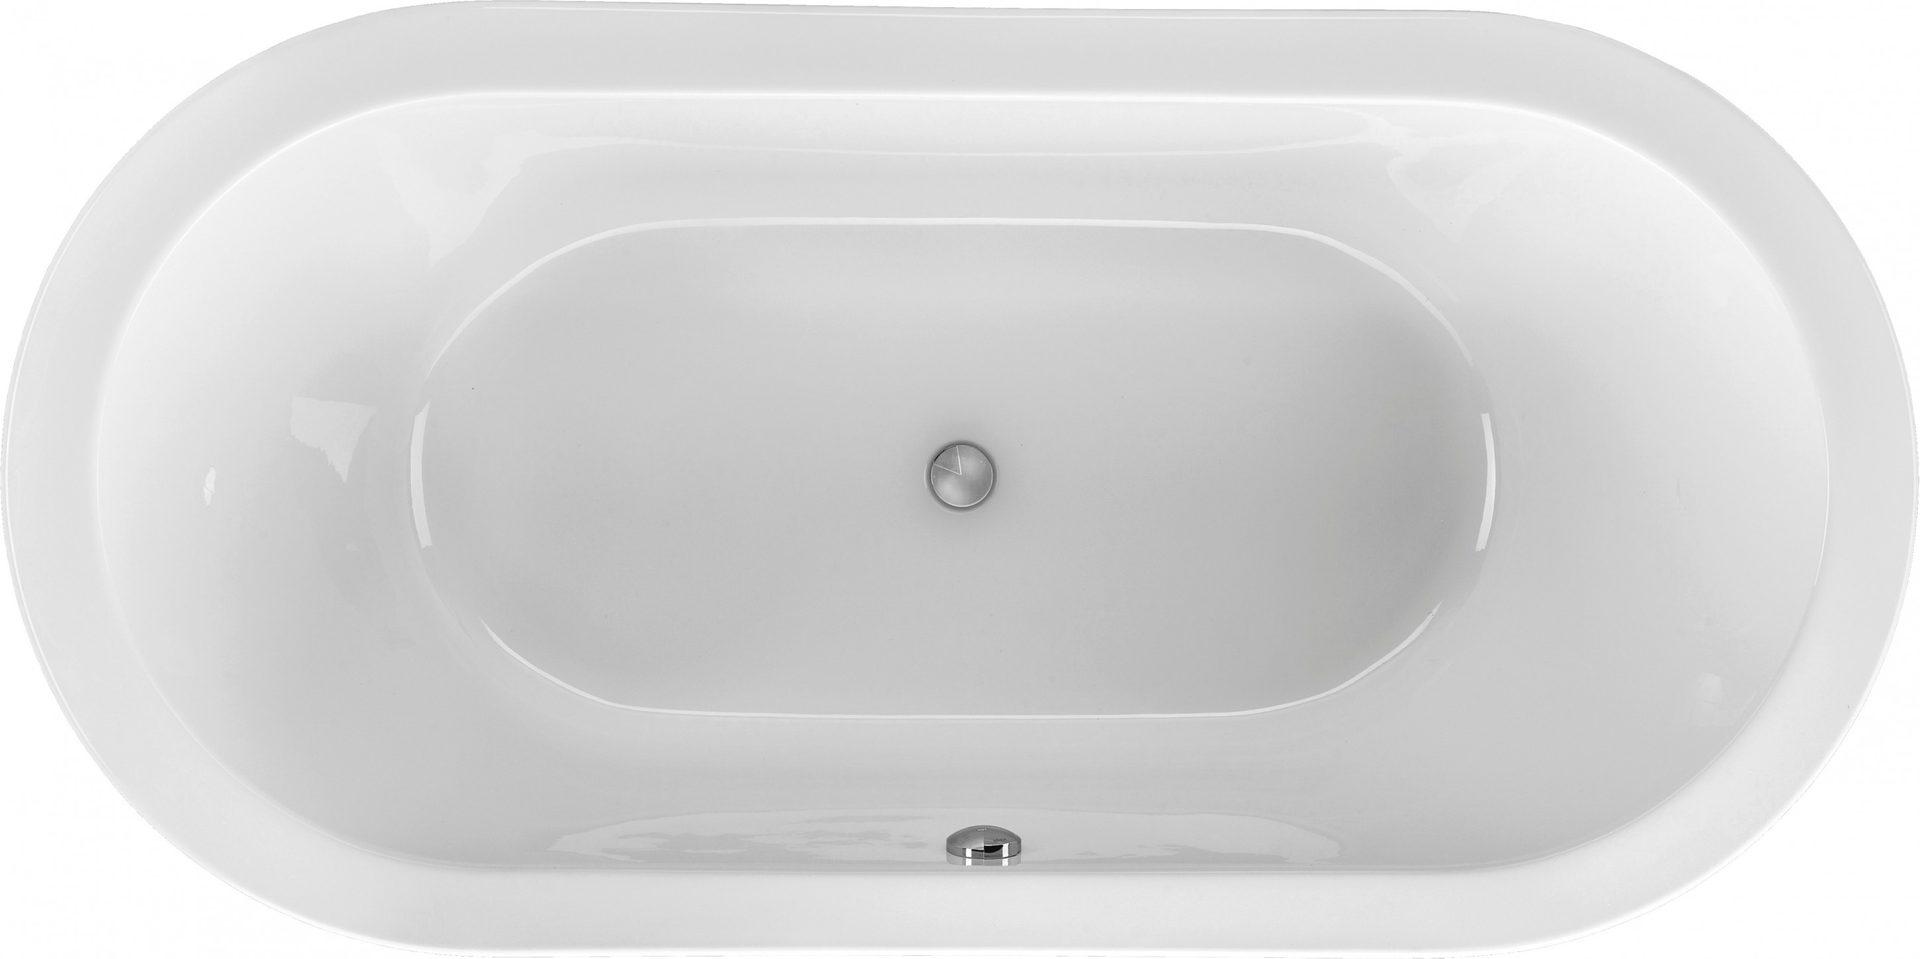 freistehende ovalwanne 200 x 100 cm mit untergestell und sch rze. Black Bedroom Furniture Sets. Home Design Ideas